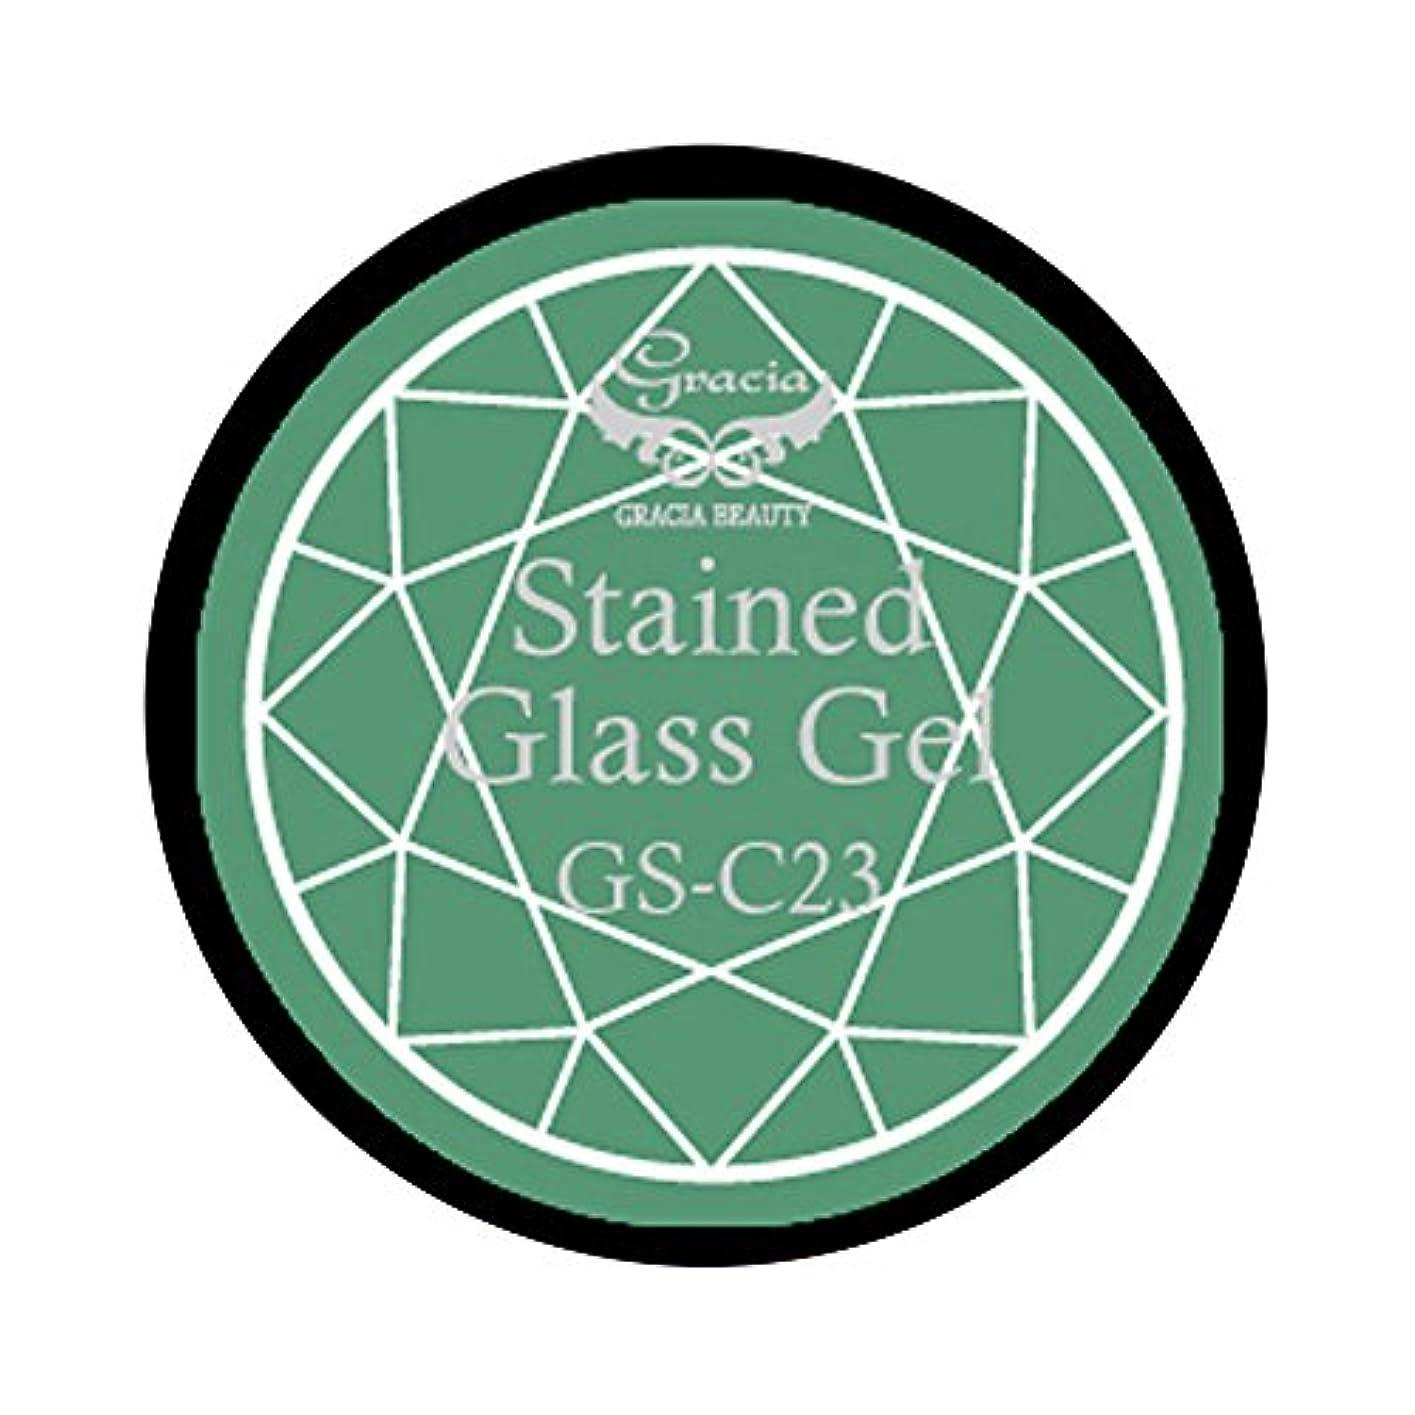 地中海棚拡張グラシア ジェルネイル ステンドグラスジェル GSM-C23 3g  クリア UV/LED対応 カラージェル ソークオフジェル ガラスのような透明感